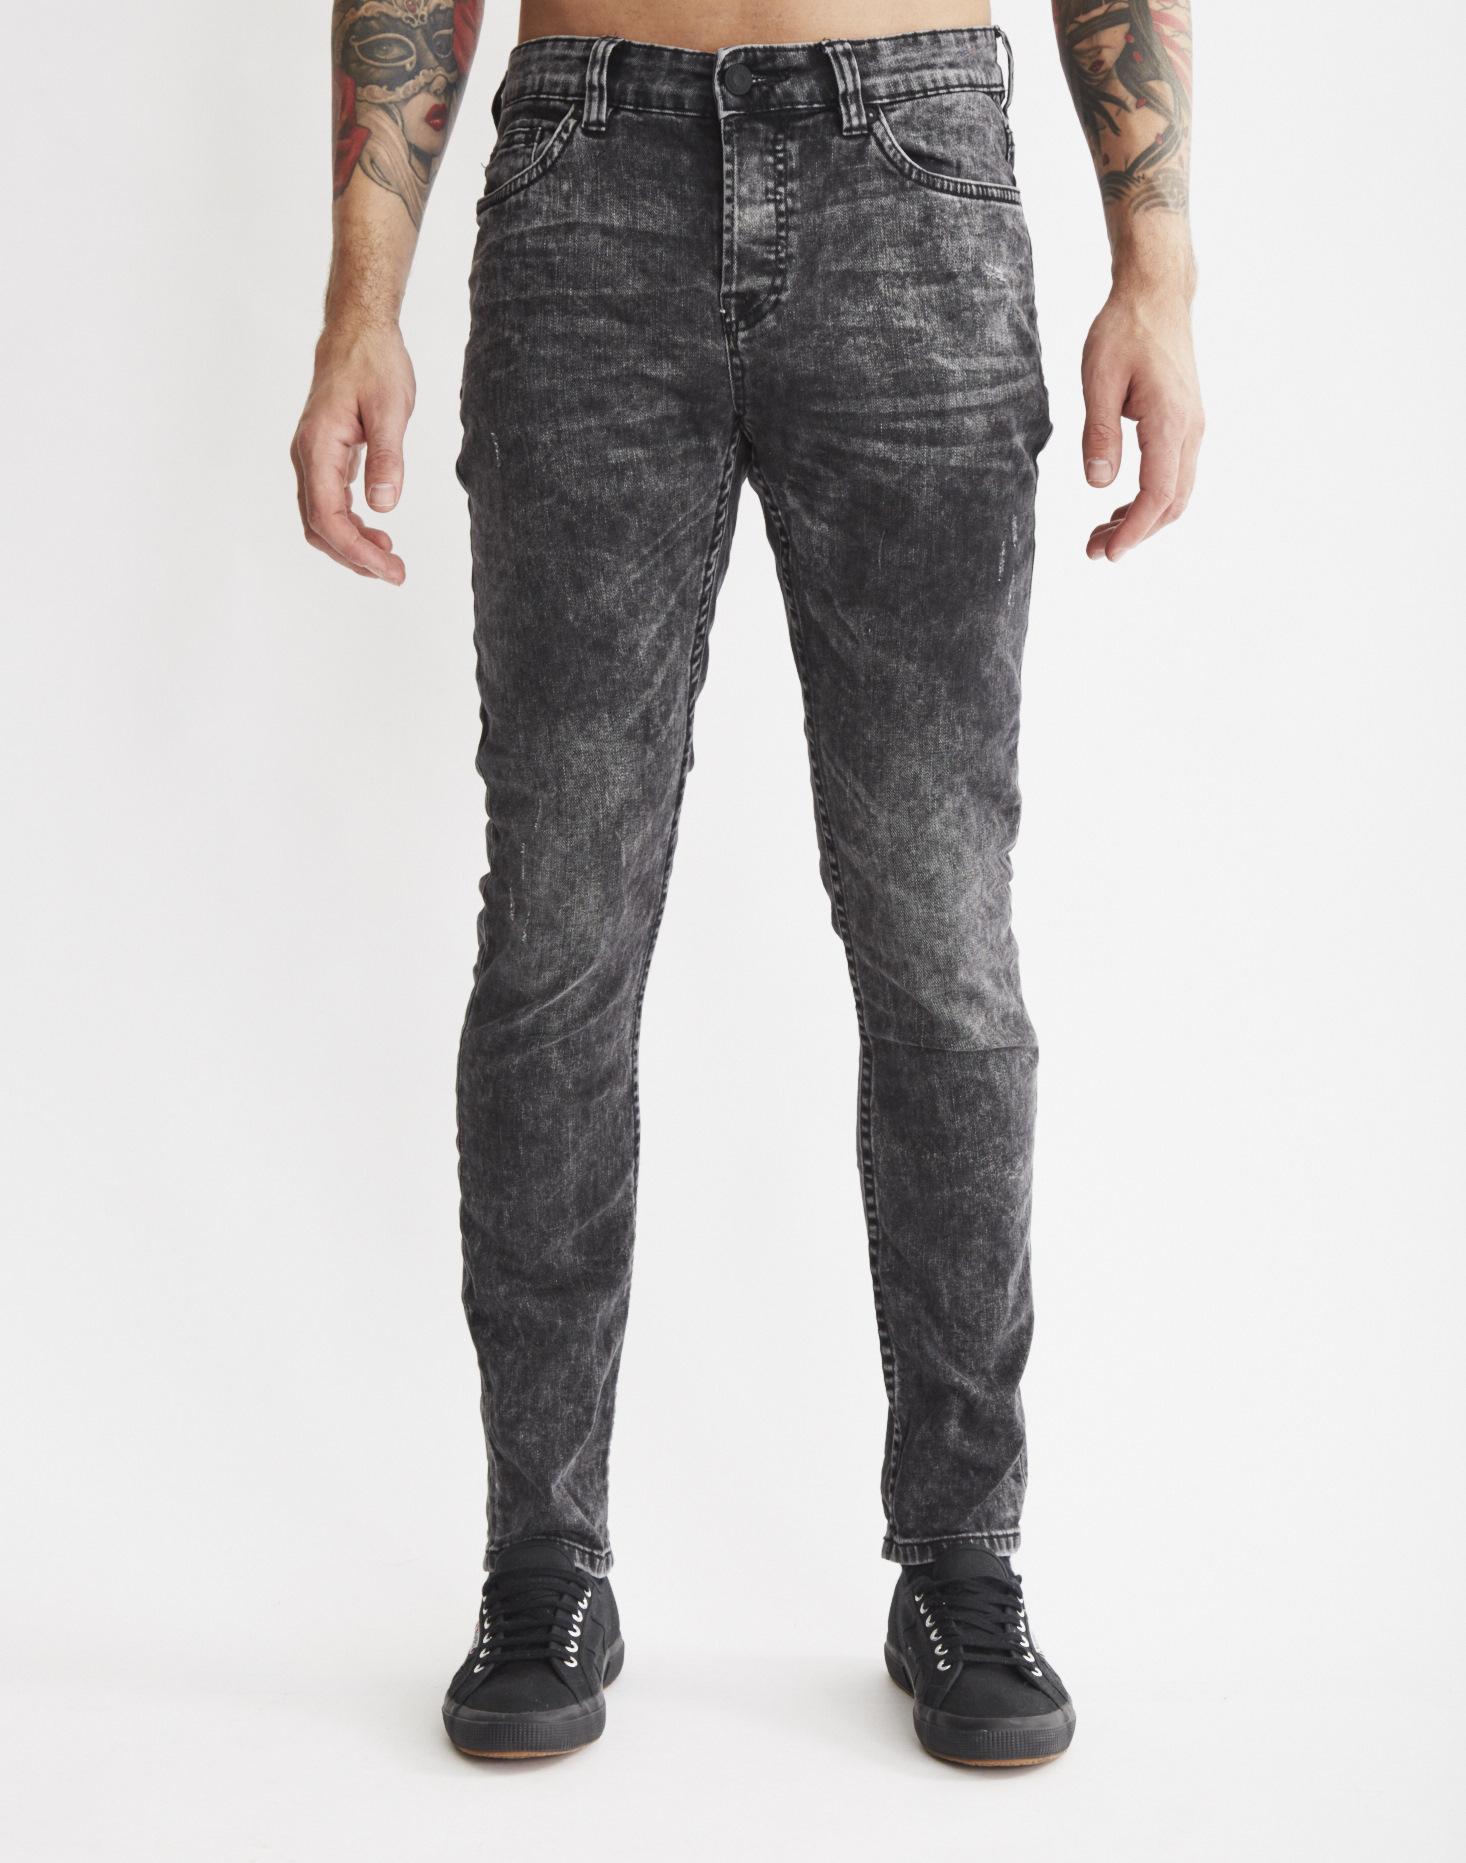 Cheap Mens Jeans 5 - Jeans Am